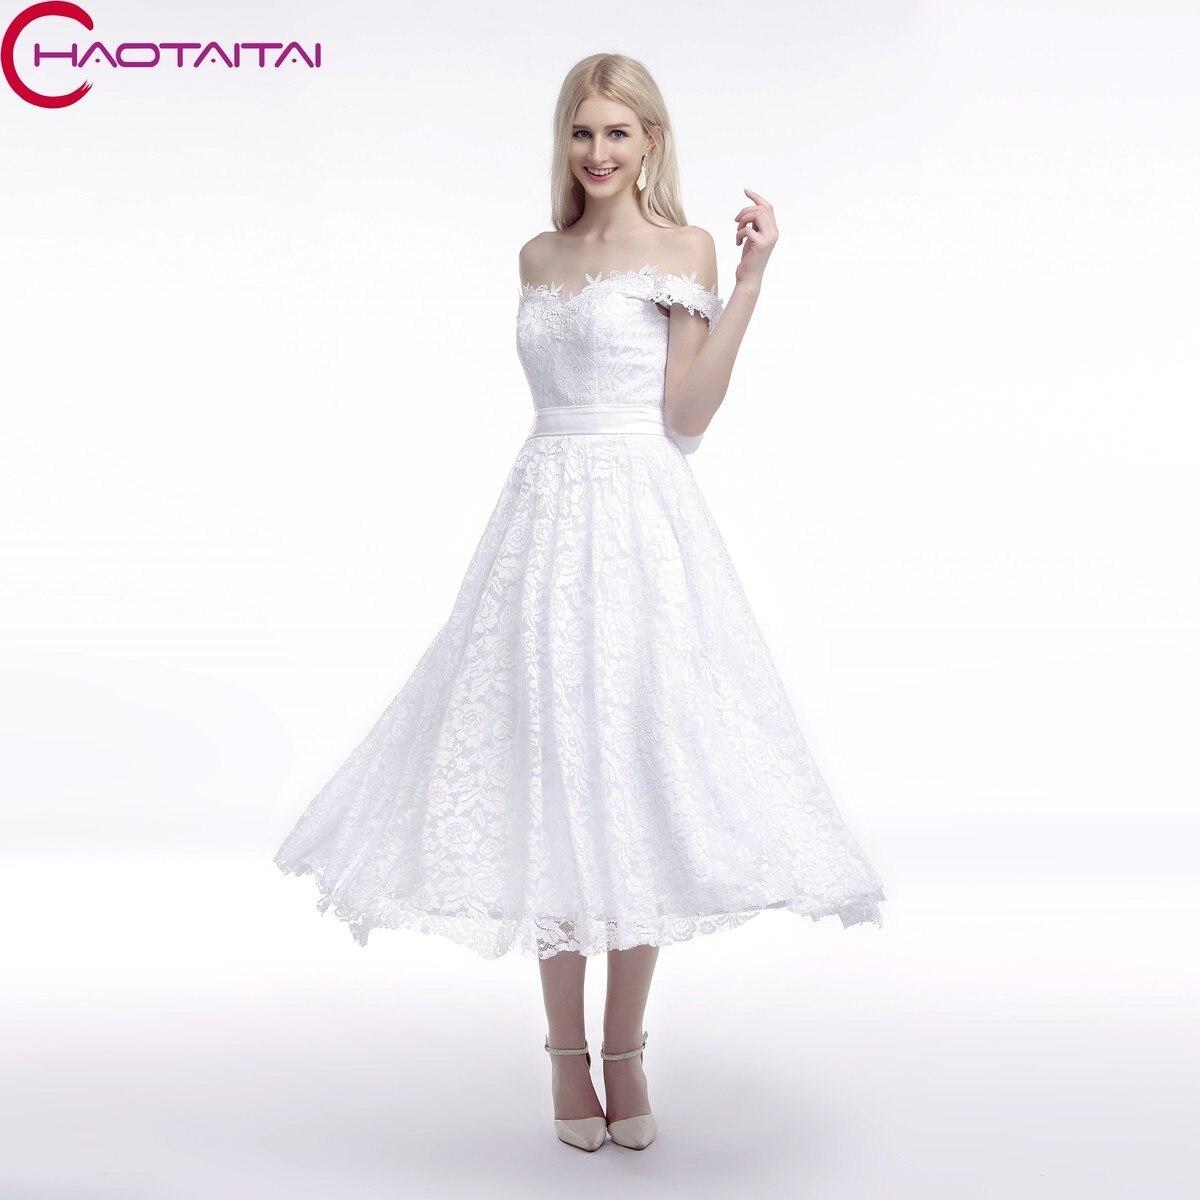 Charmant Vintage Spitze Hochzeitskleid Billig Fotos - Brautkleider ...